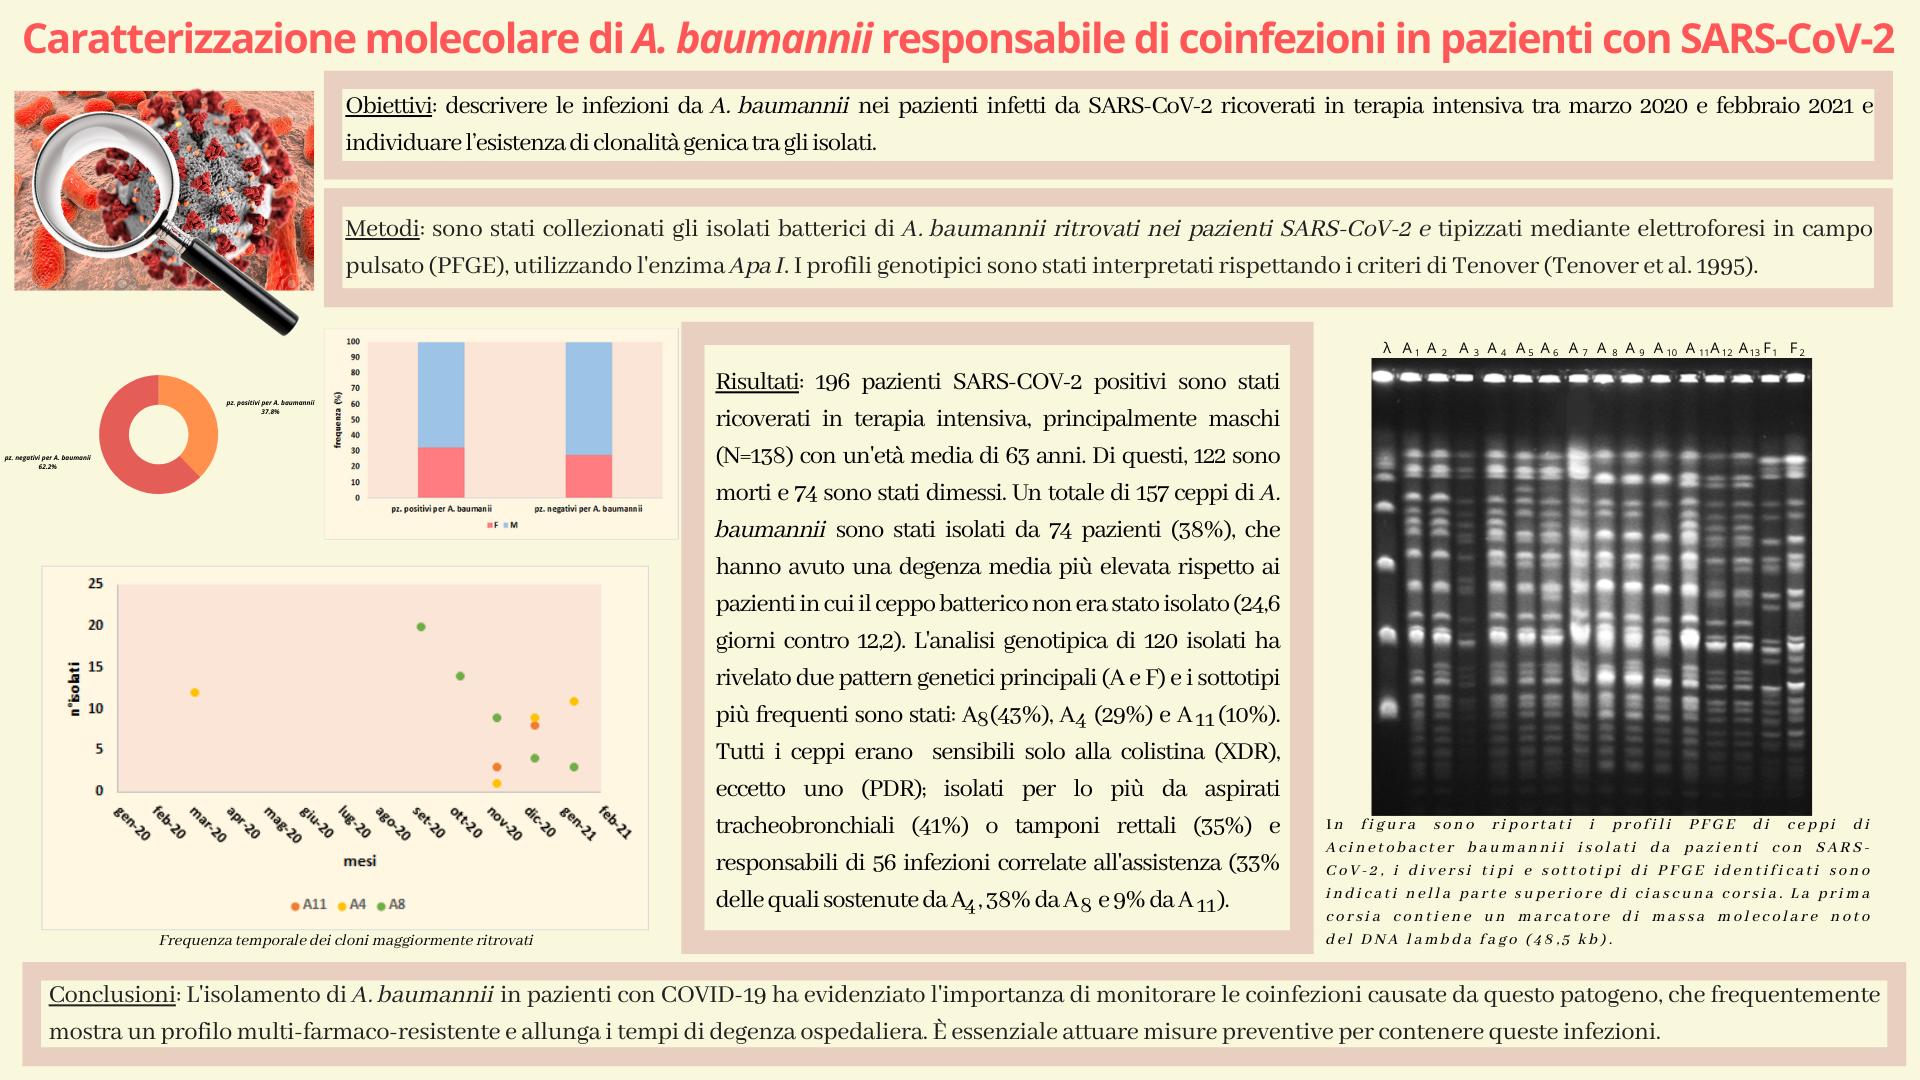 Caratterizzazione molecolare di A. baumannii responsabile di coinfezioni in pazienti con SARS-CoV-2